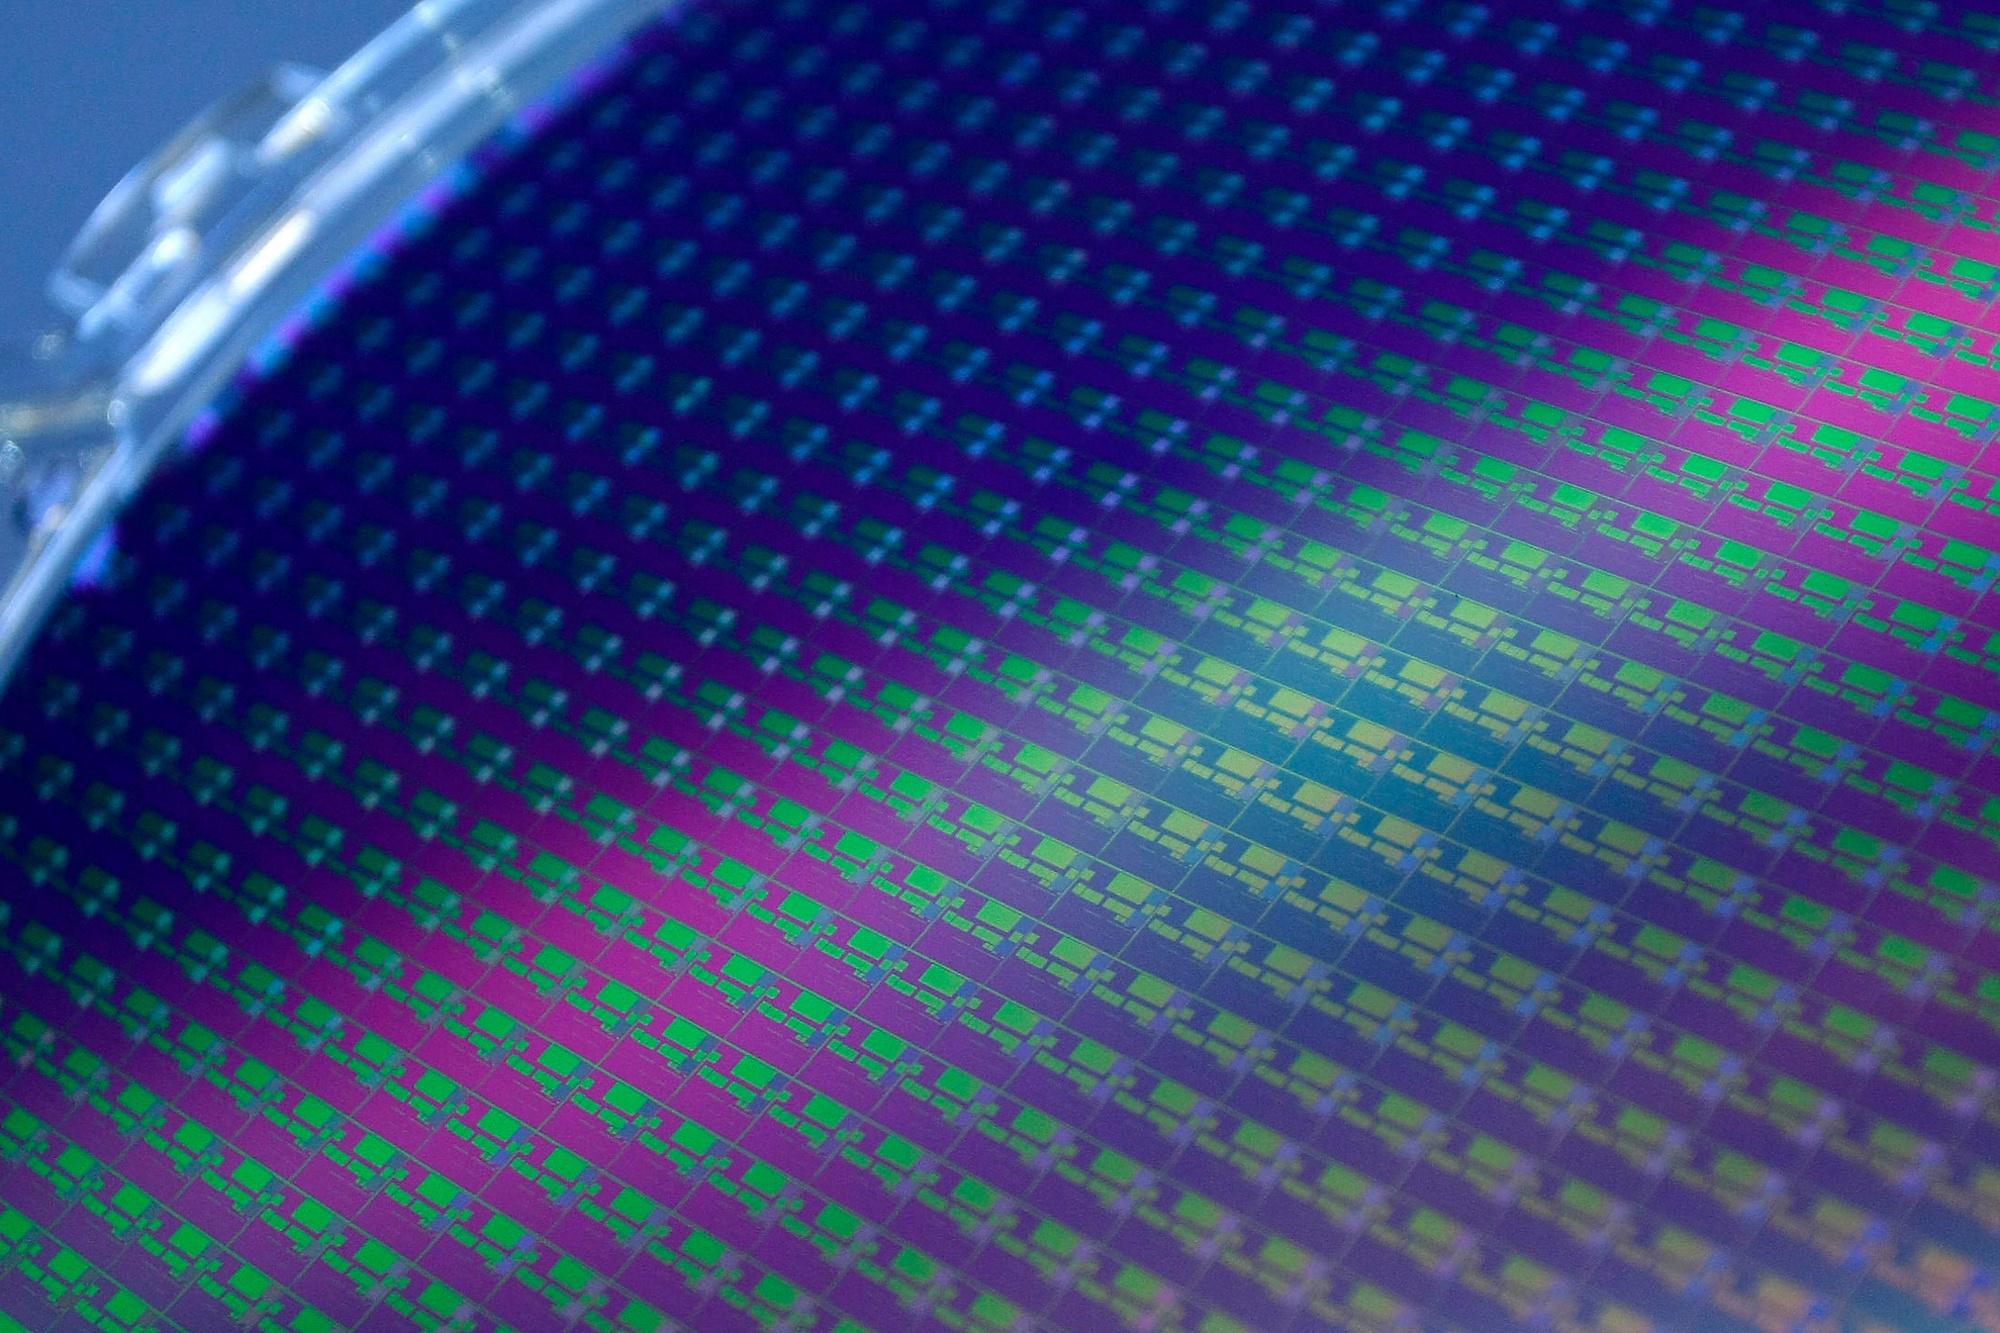 Chipfabrikanten zoals TSMC of Intel produceren wafers, grote vlakken met honderden chips op. (foto genomen bij TSMC in Taiwan in 2010), Reuters